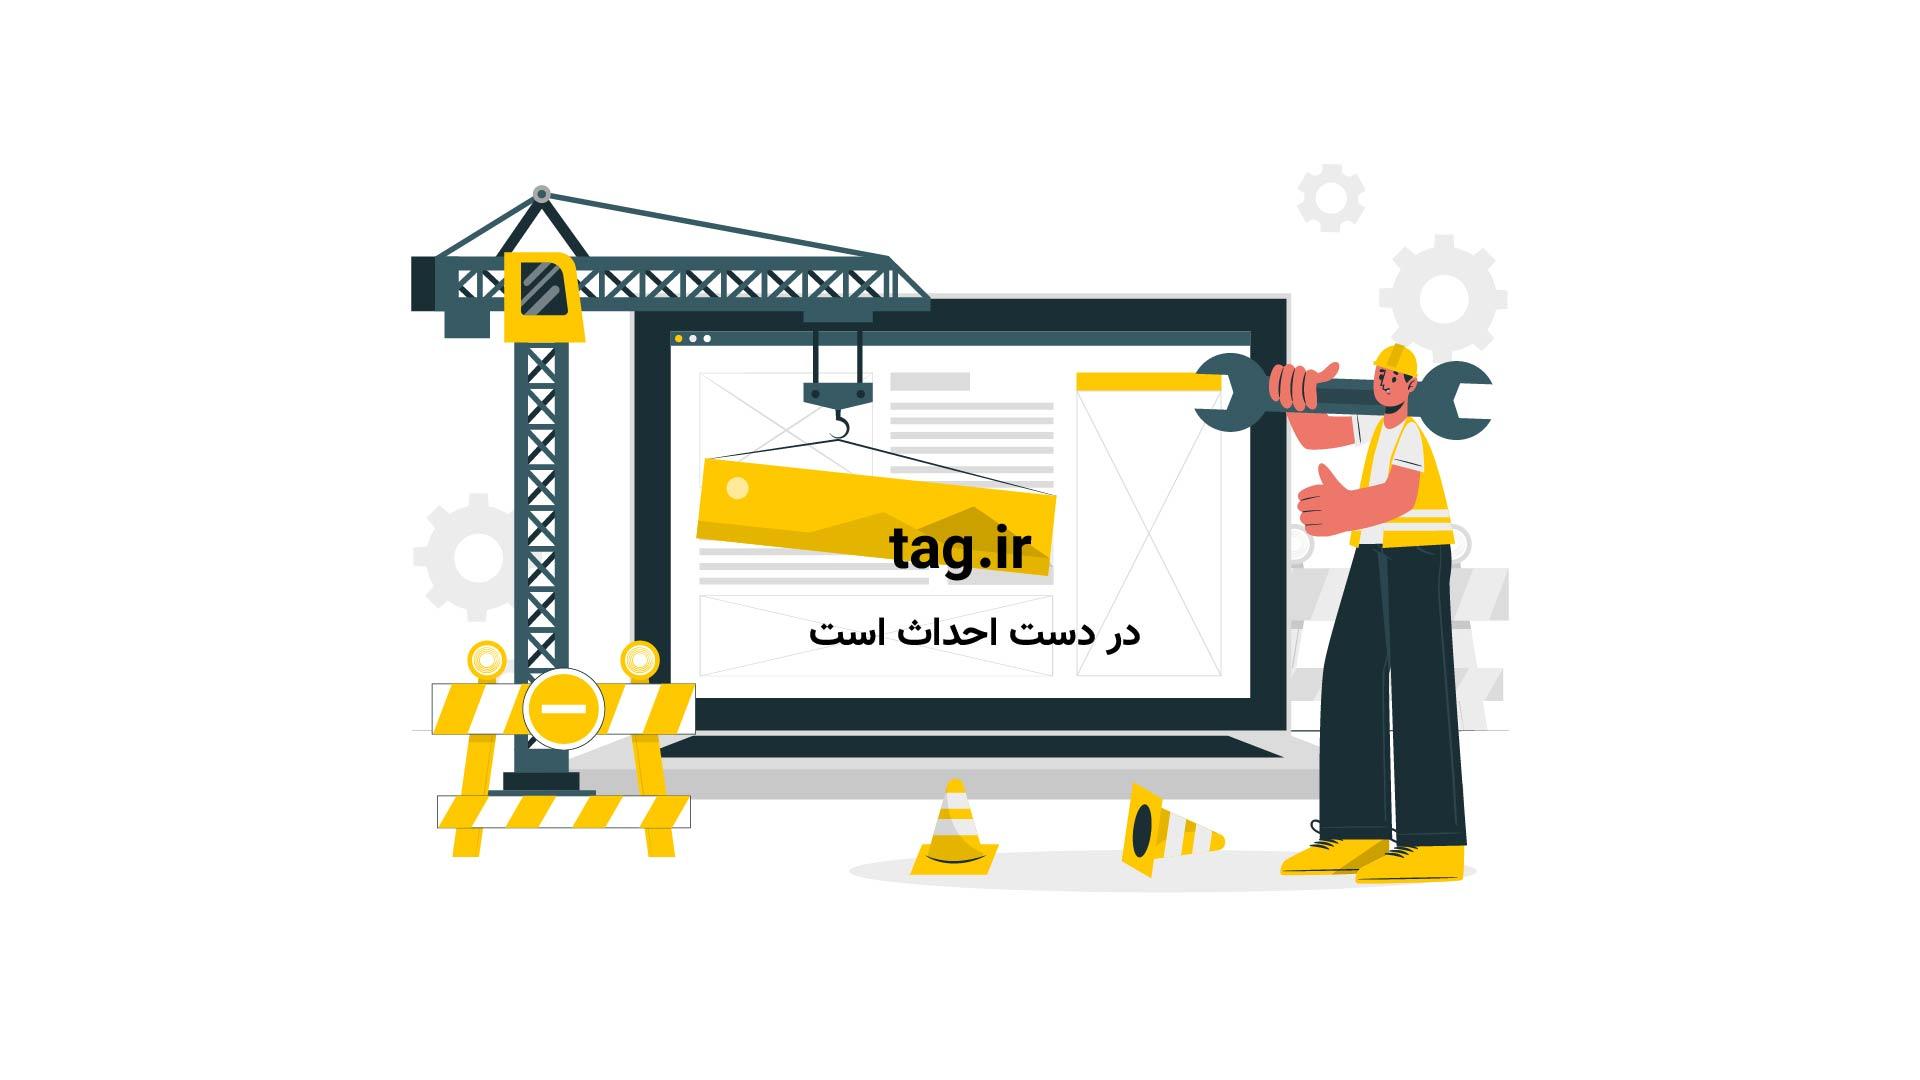 جنگل استوایی خرس بزرگ در کانادا | فیلم